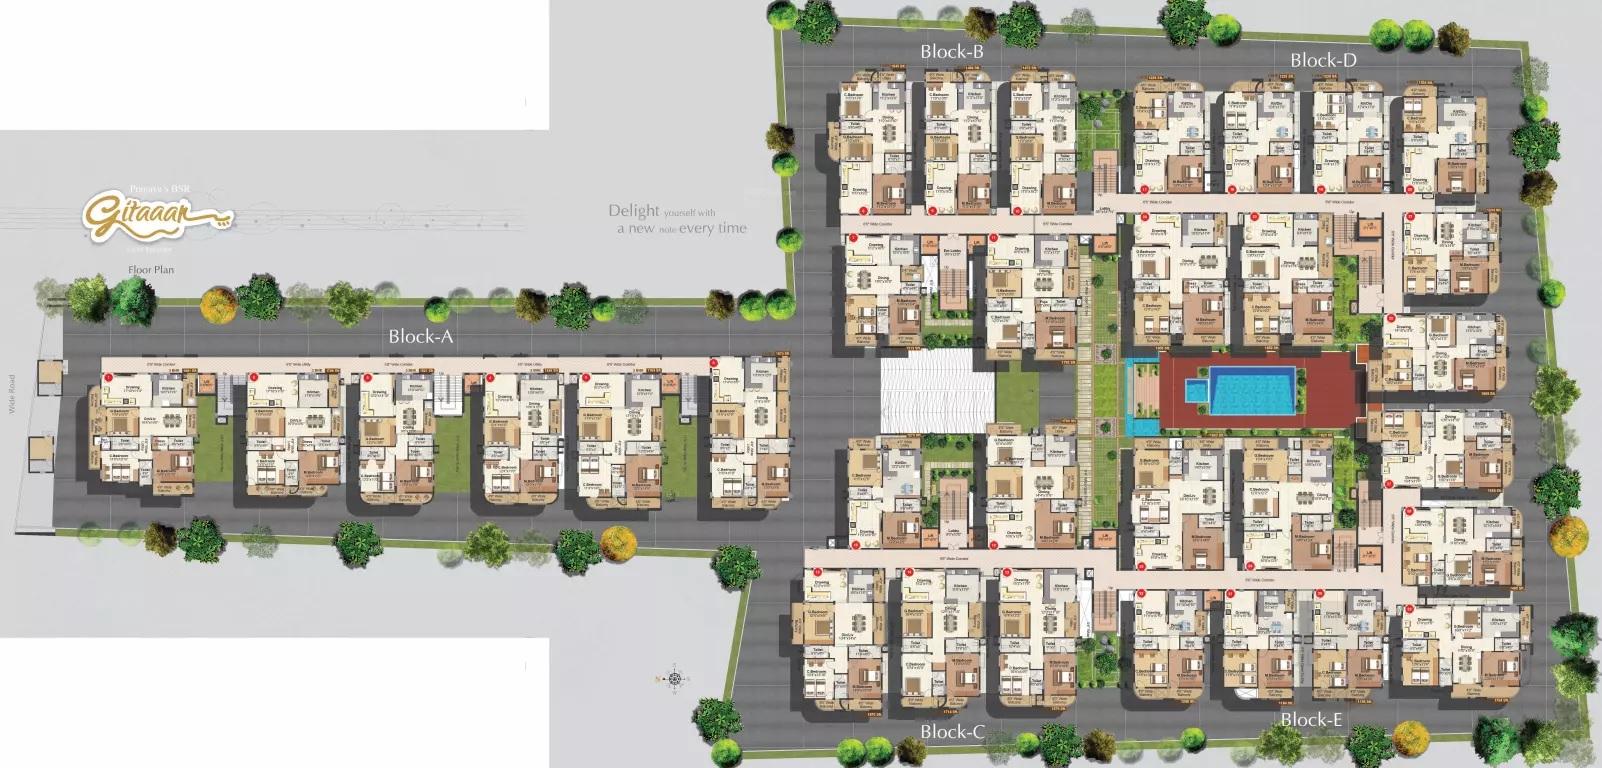 pranava gitaaar master plan image3